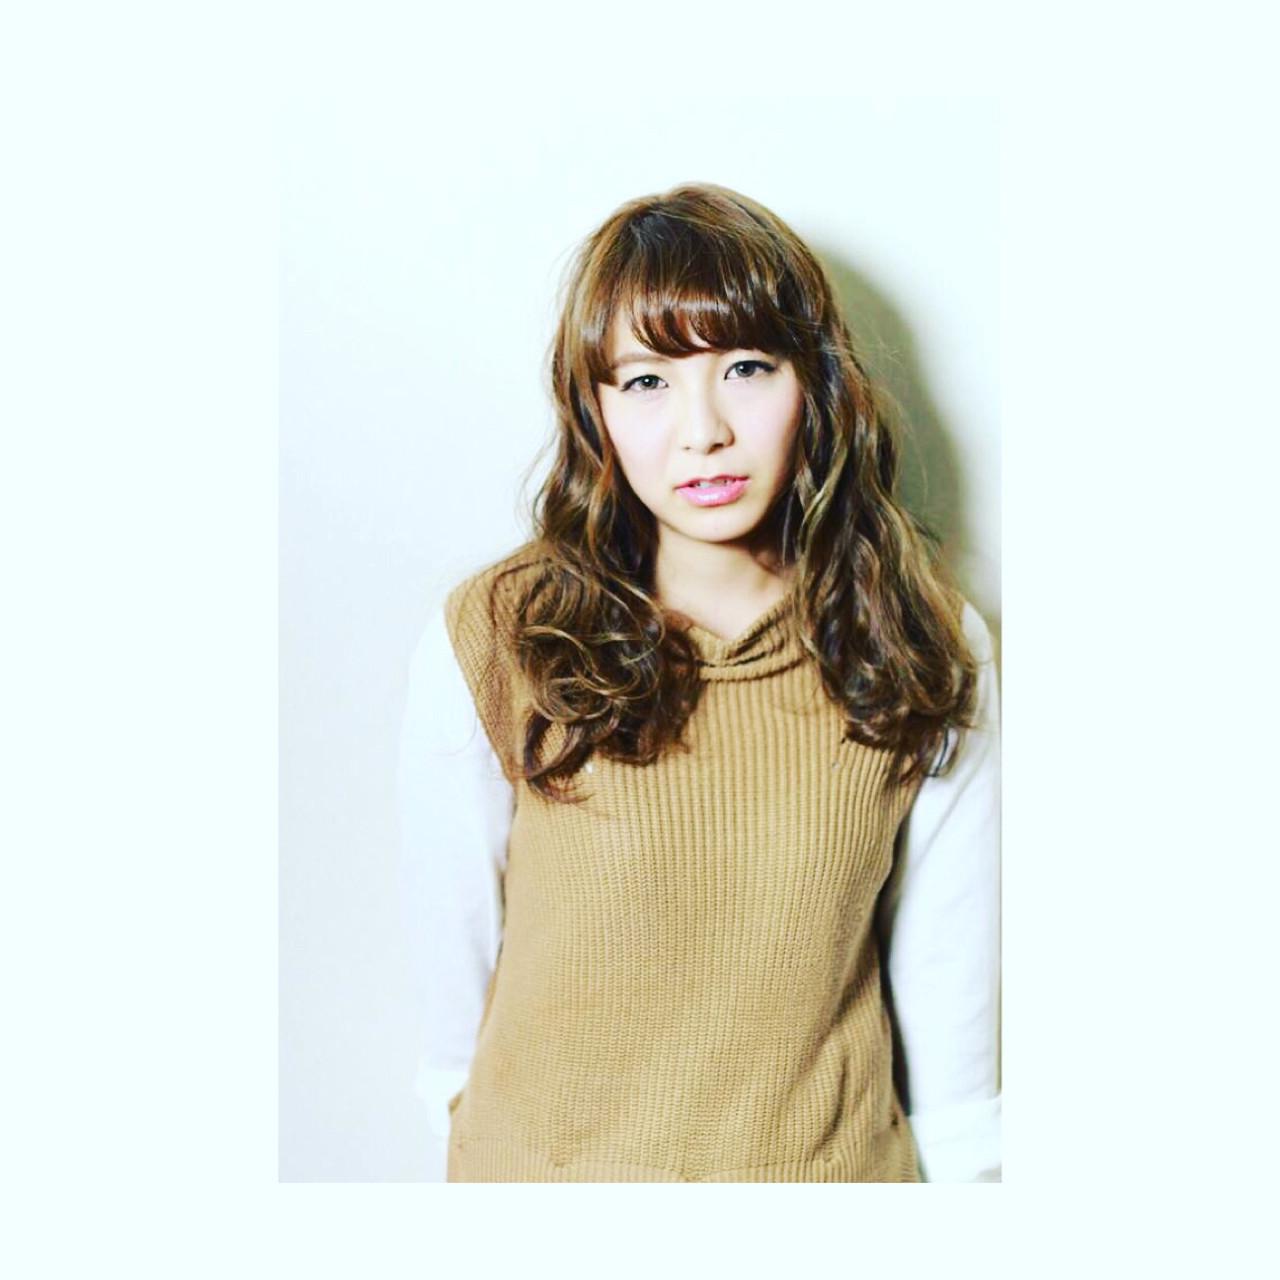 パーマ アッシュ 外国人風 ロング ヘアスタイルや髪型の写真・画像 | 広瀬 丈彰 / JOUeN